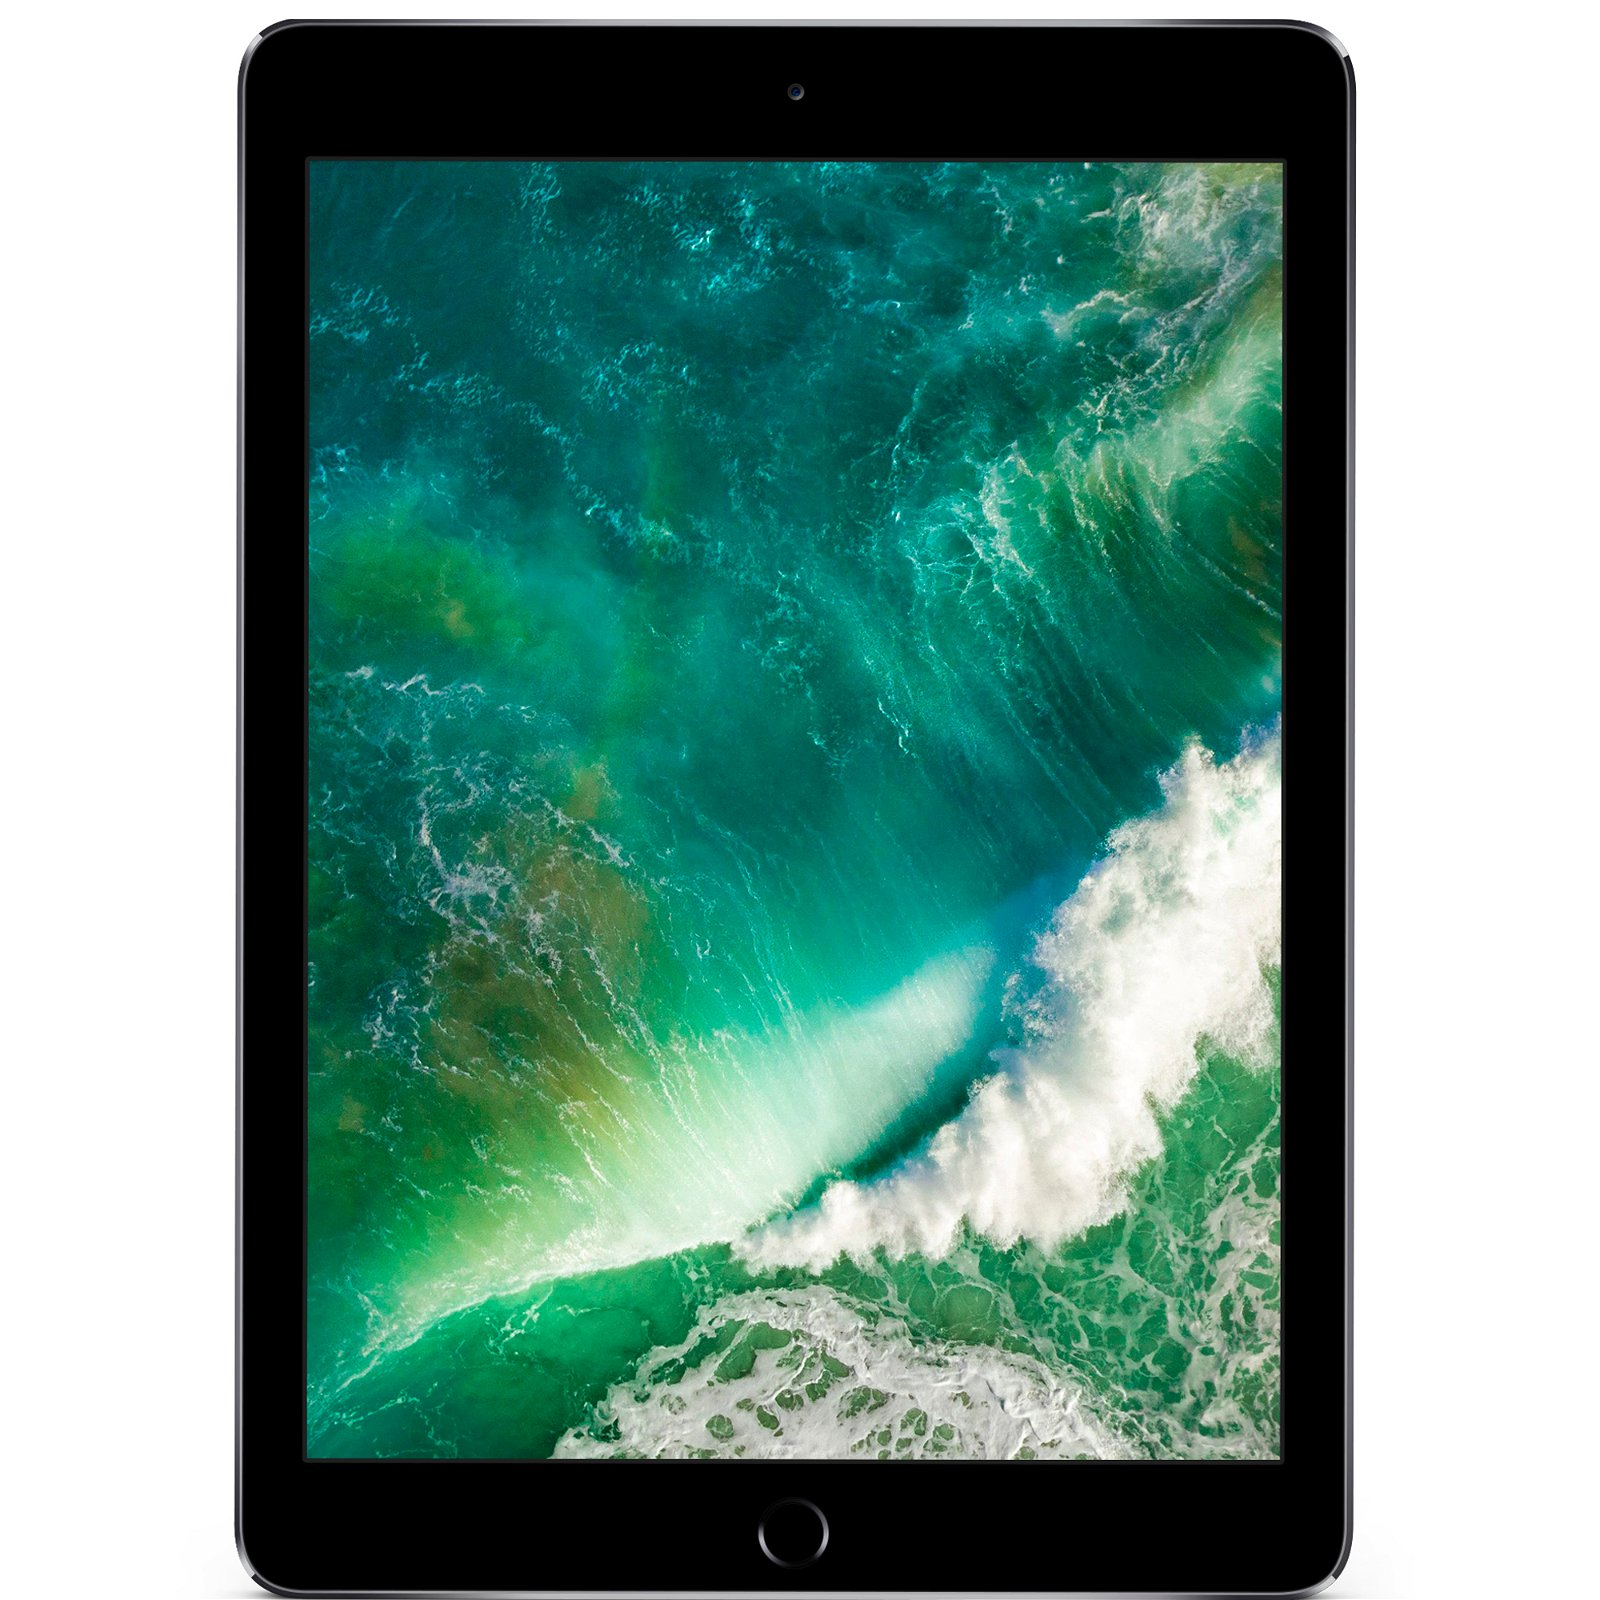 Apple iPad 5 Refurbished WiFi - Grade A